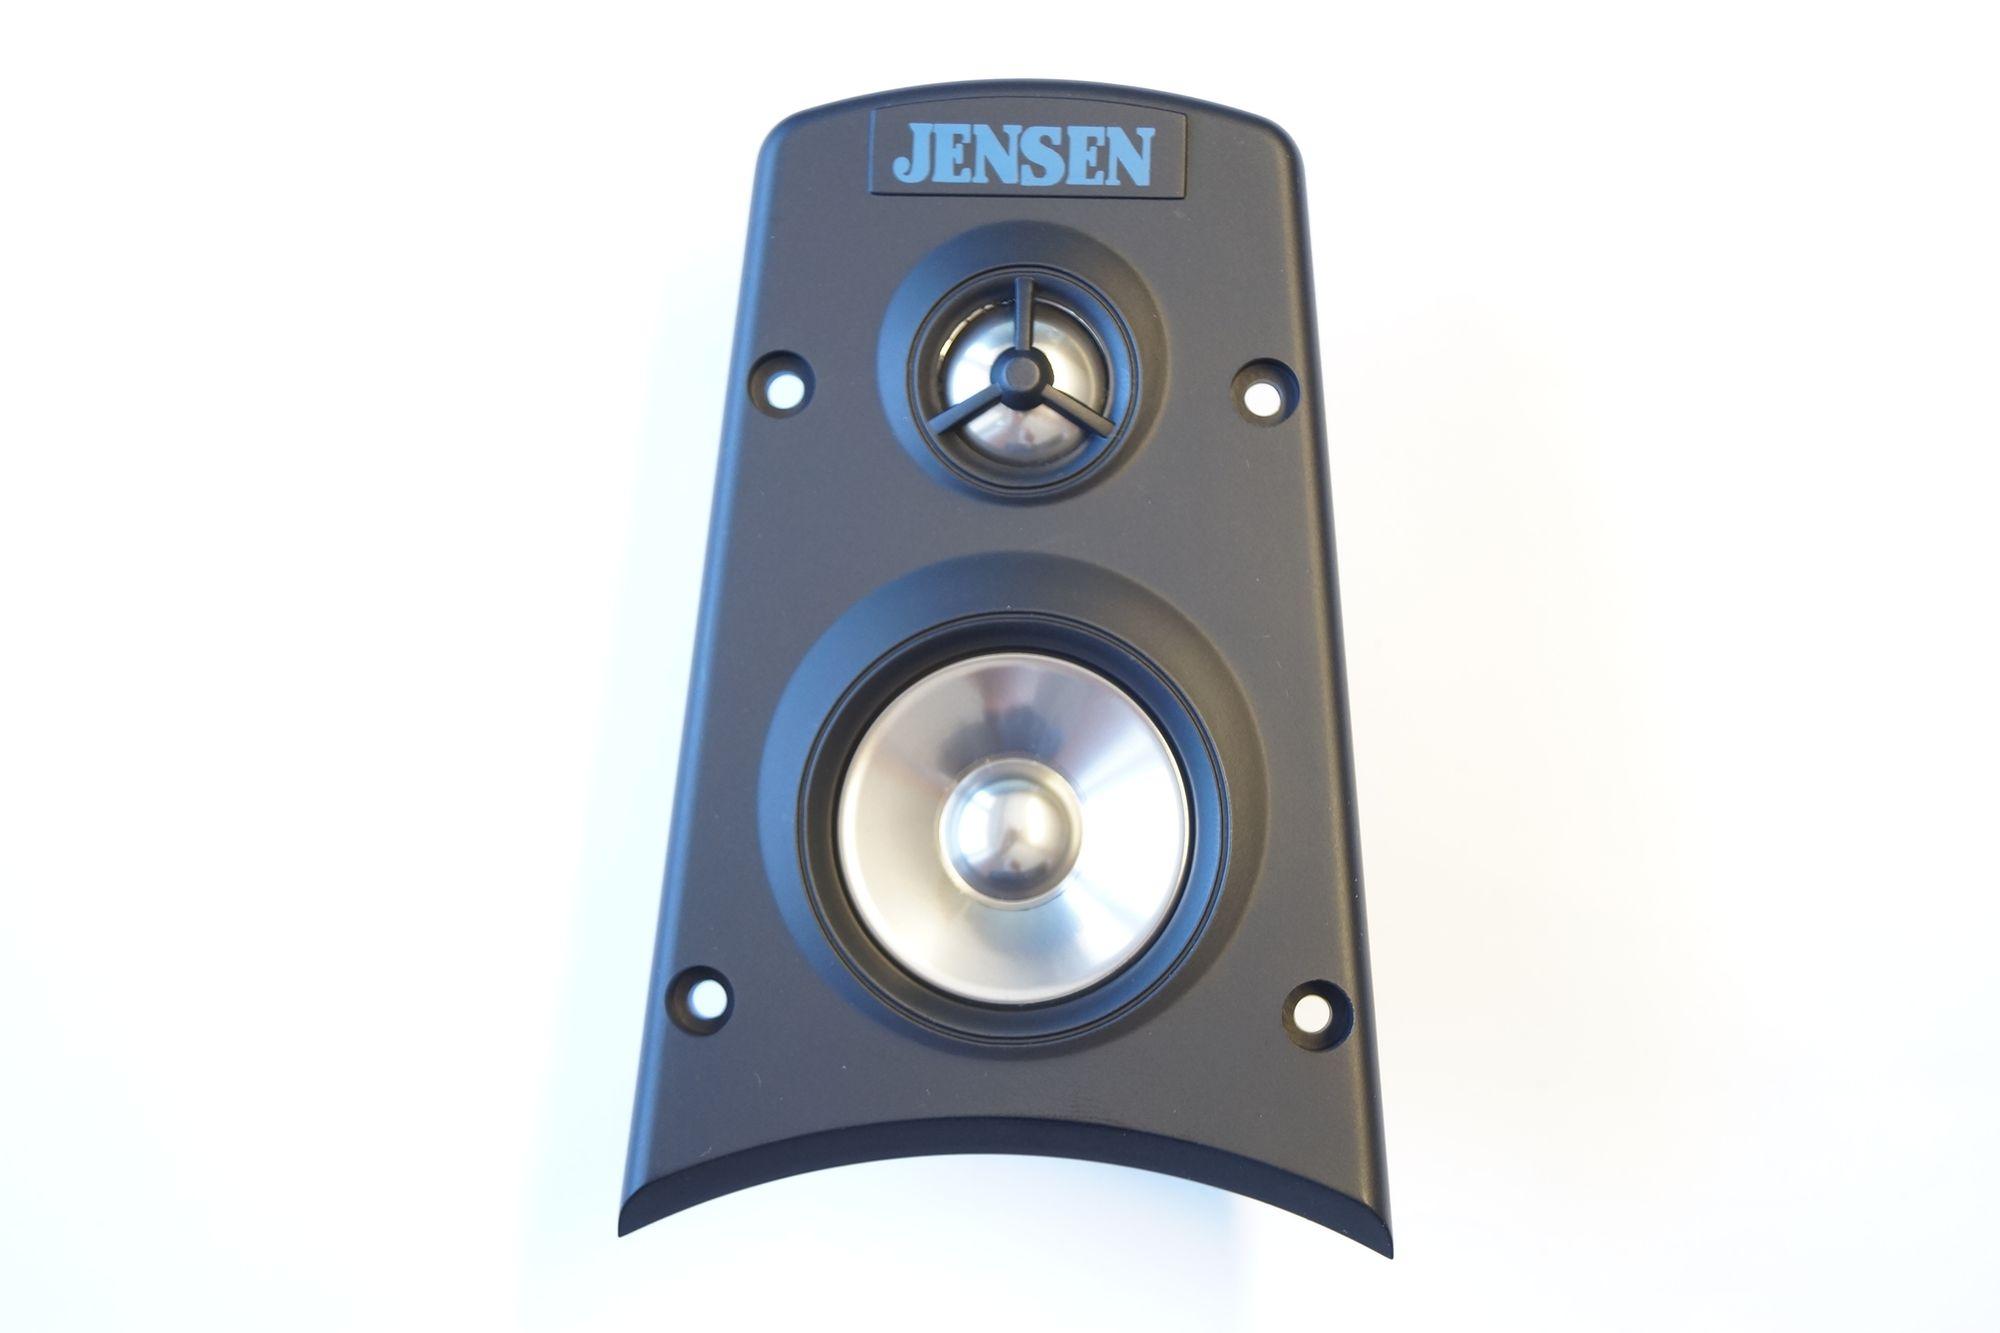 1 Paar Jensen MMTABSALG,Mittel Hochton Einheit 80 Watt max., Serviceware